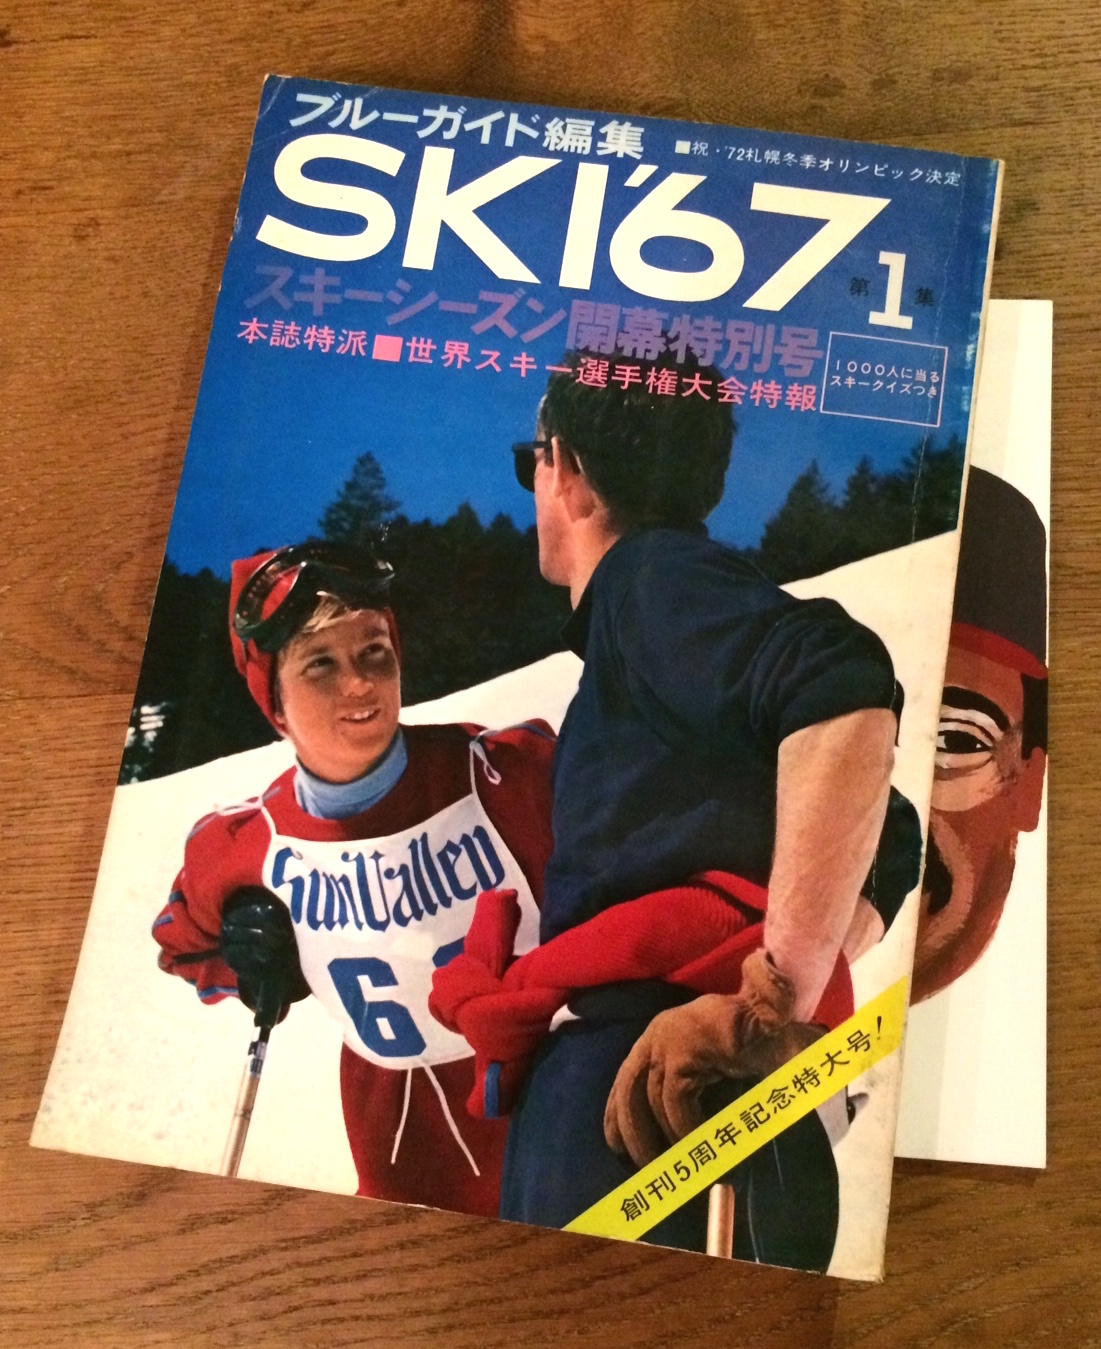 ski67.jpg